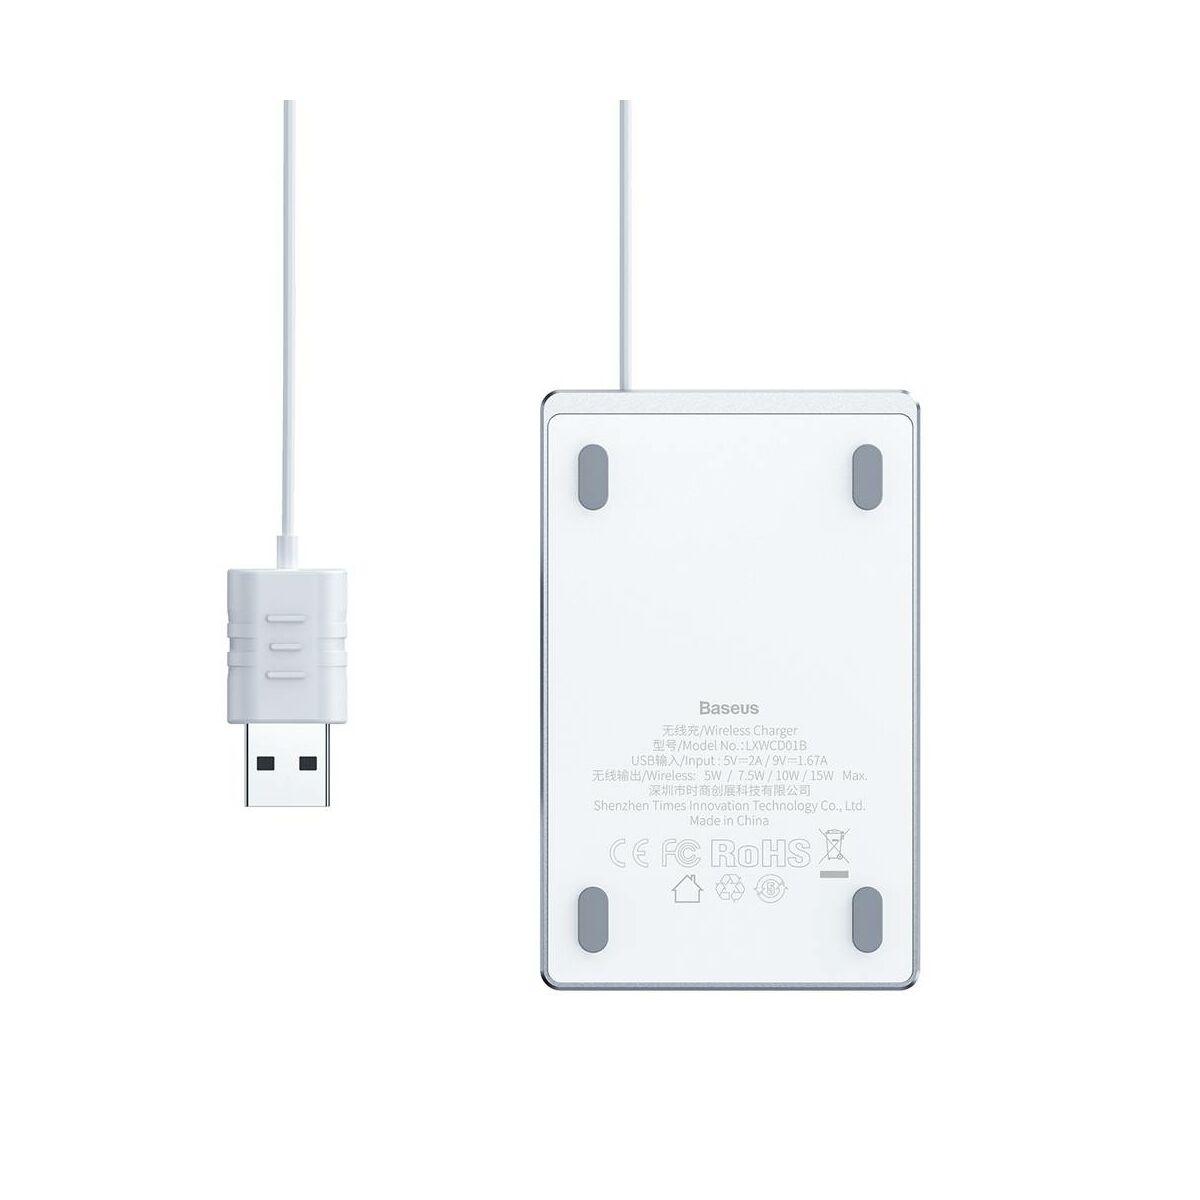 Baseus vezeték nélküli töltő Ultra-thin Card 15W (beépített 1m USB kábellel), ezüst/fehér (WX01B-S2)